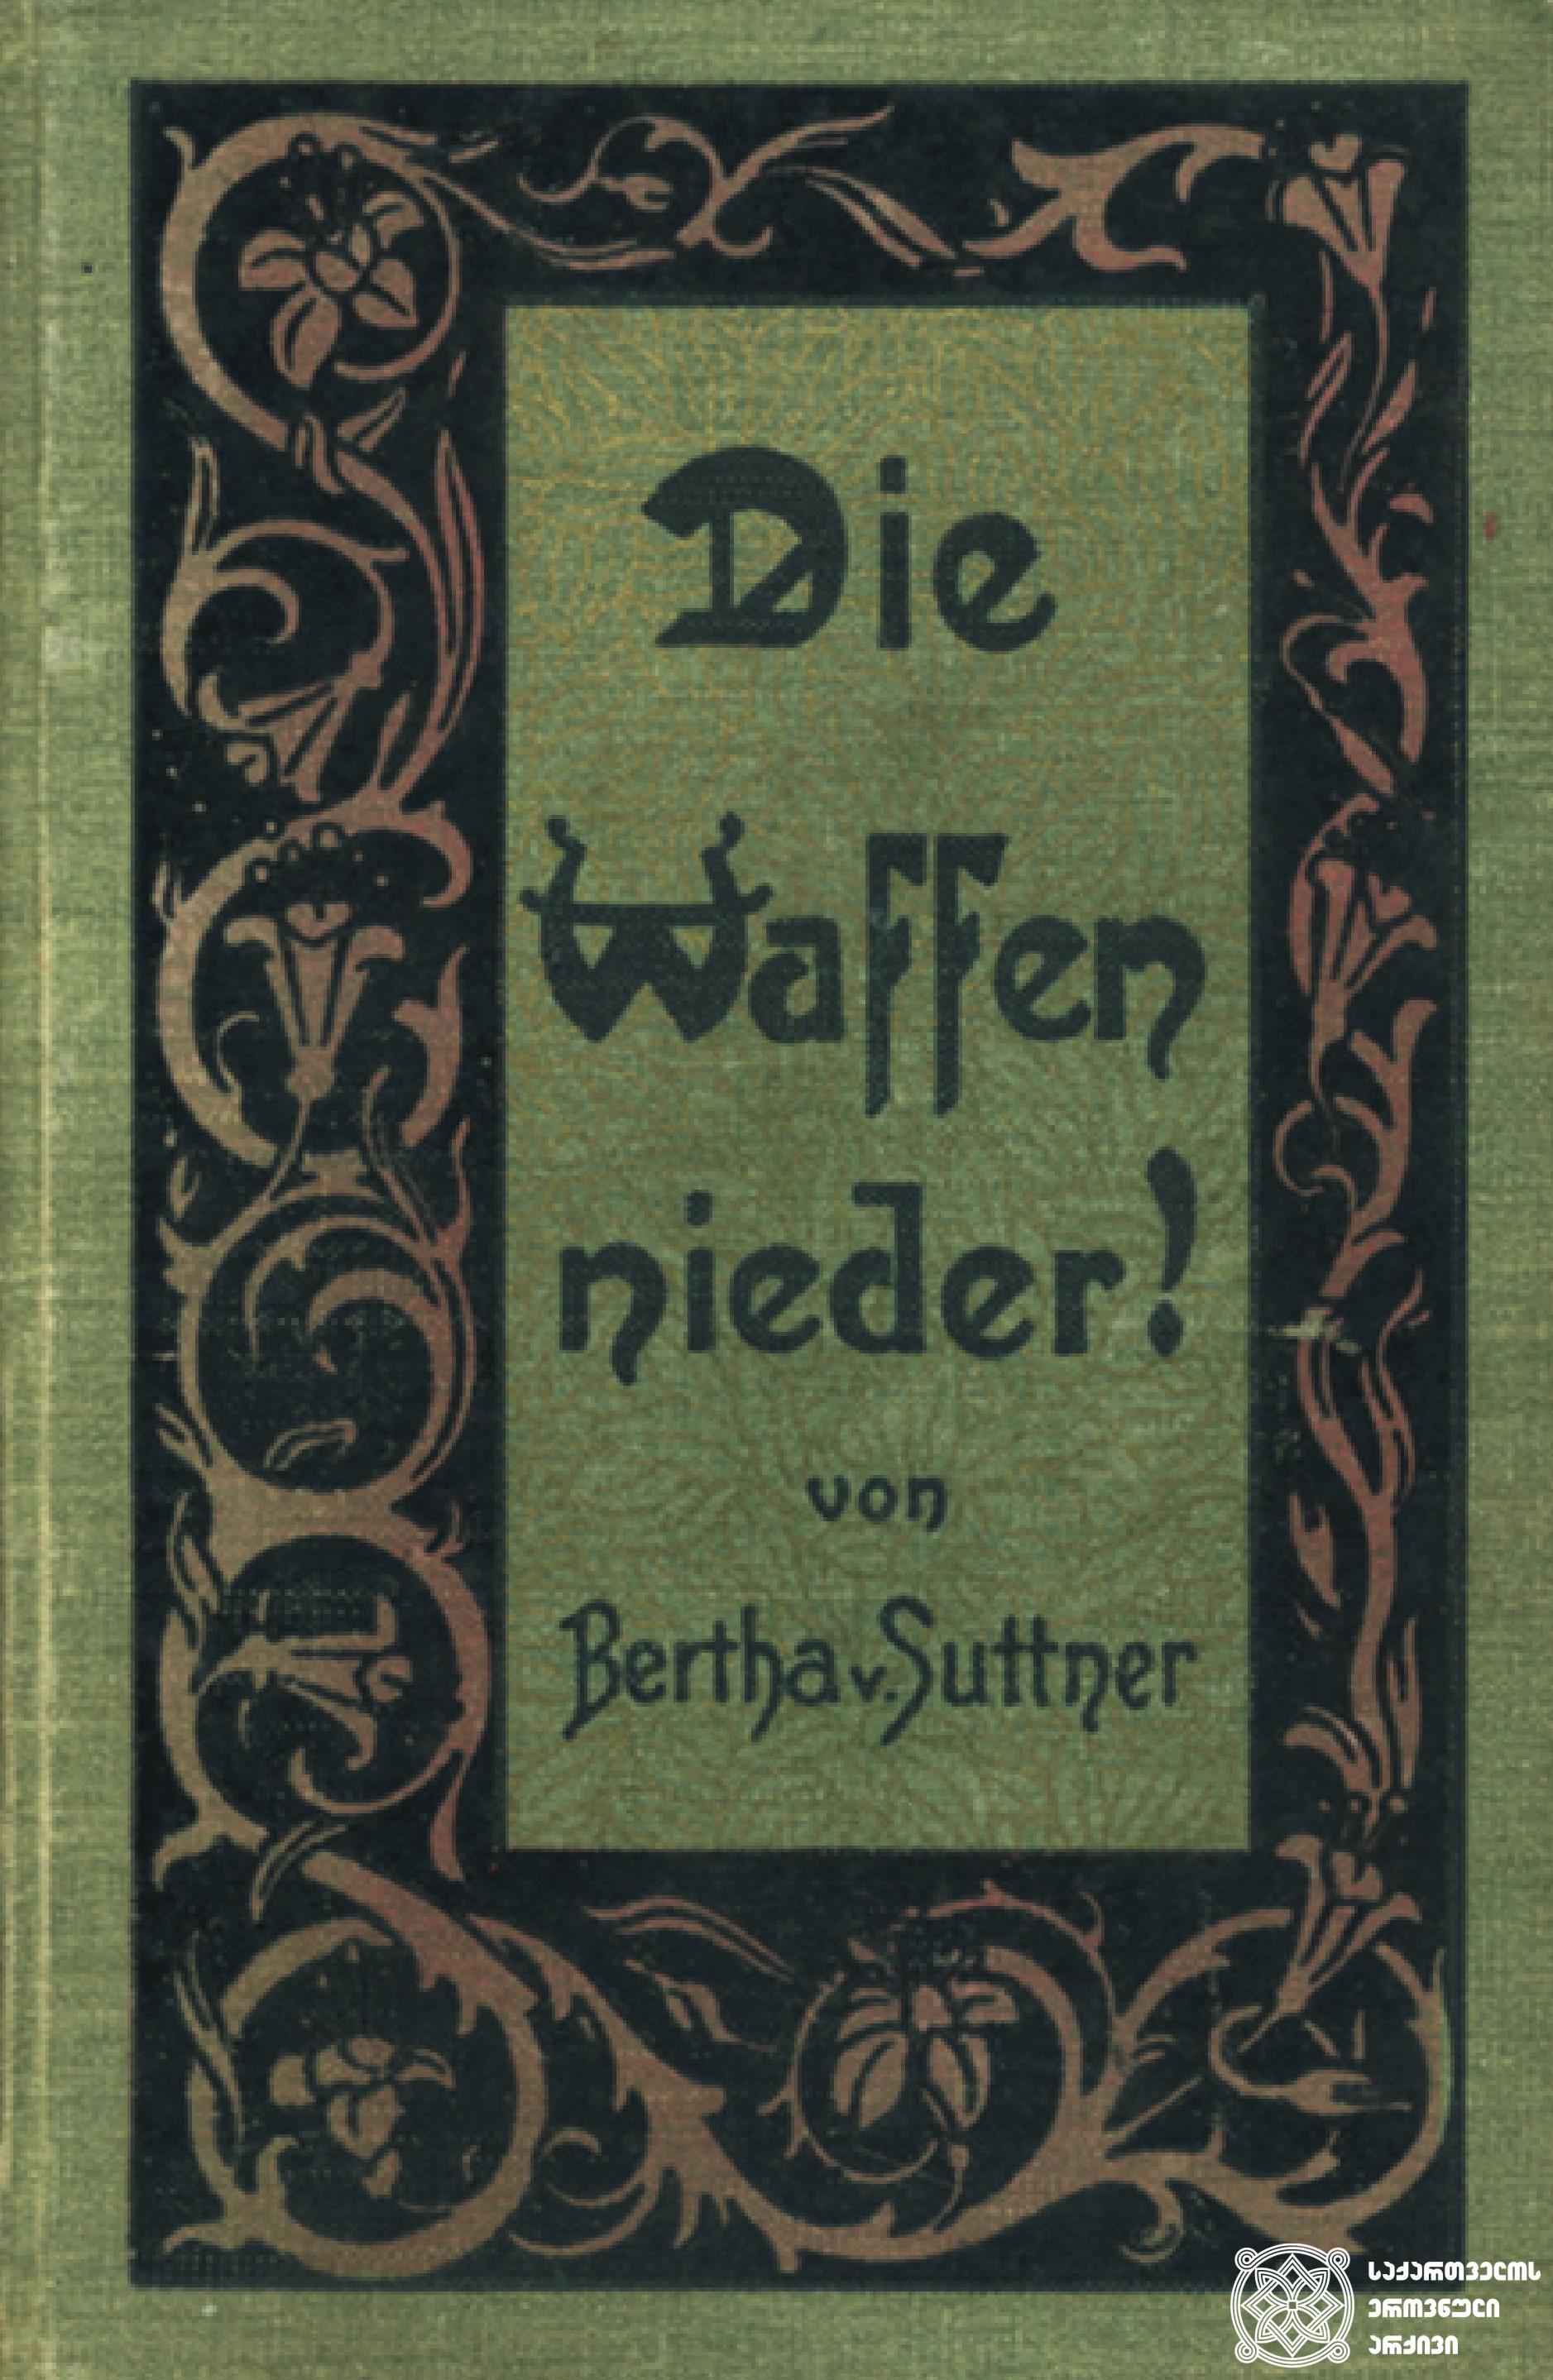 """""""ძირს იარაღი!"""" -ბერტა ფონ ზუტნერის ნაწარმოები ომის წინააღმდეგ მე-19 საუკუნის ერთ-ერთ ყველაზე წარმატებულ წიგნად იქცა. <br> გეორგ ჰამანის კოლექციიდან <br> """"Law Down Your Arms"""" -Bertha's anti-war novel was one of the most successful books of the 19th century <br> From the collection of Georg Hamann"""